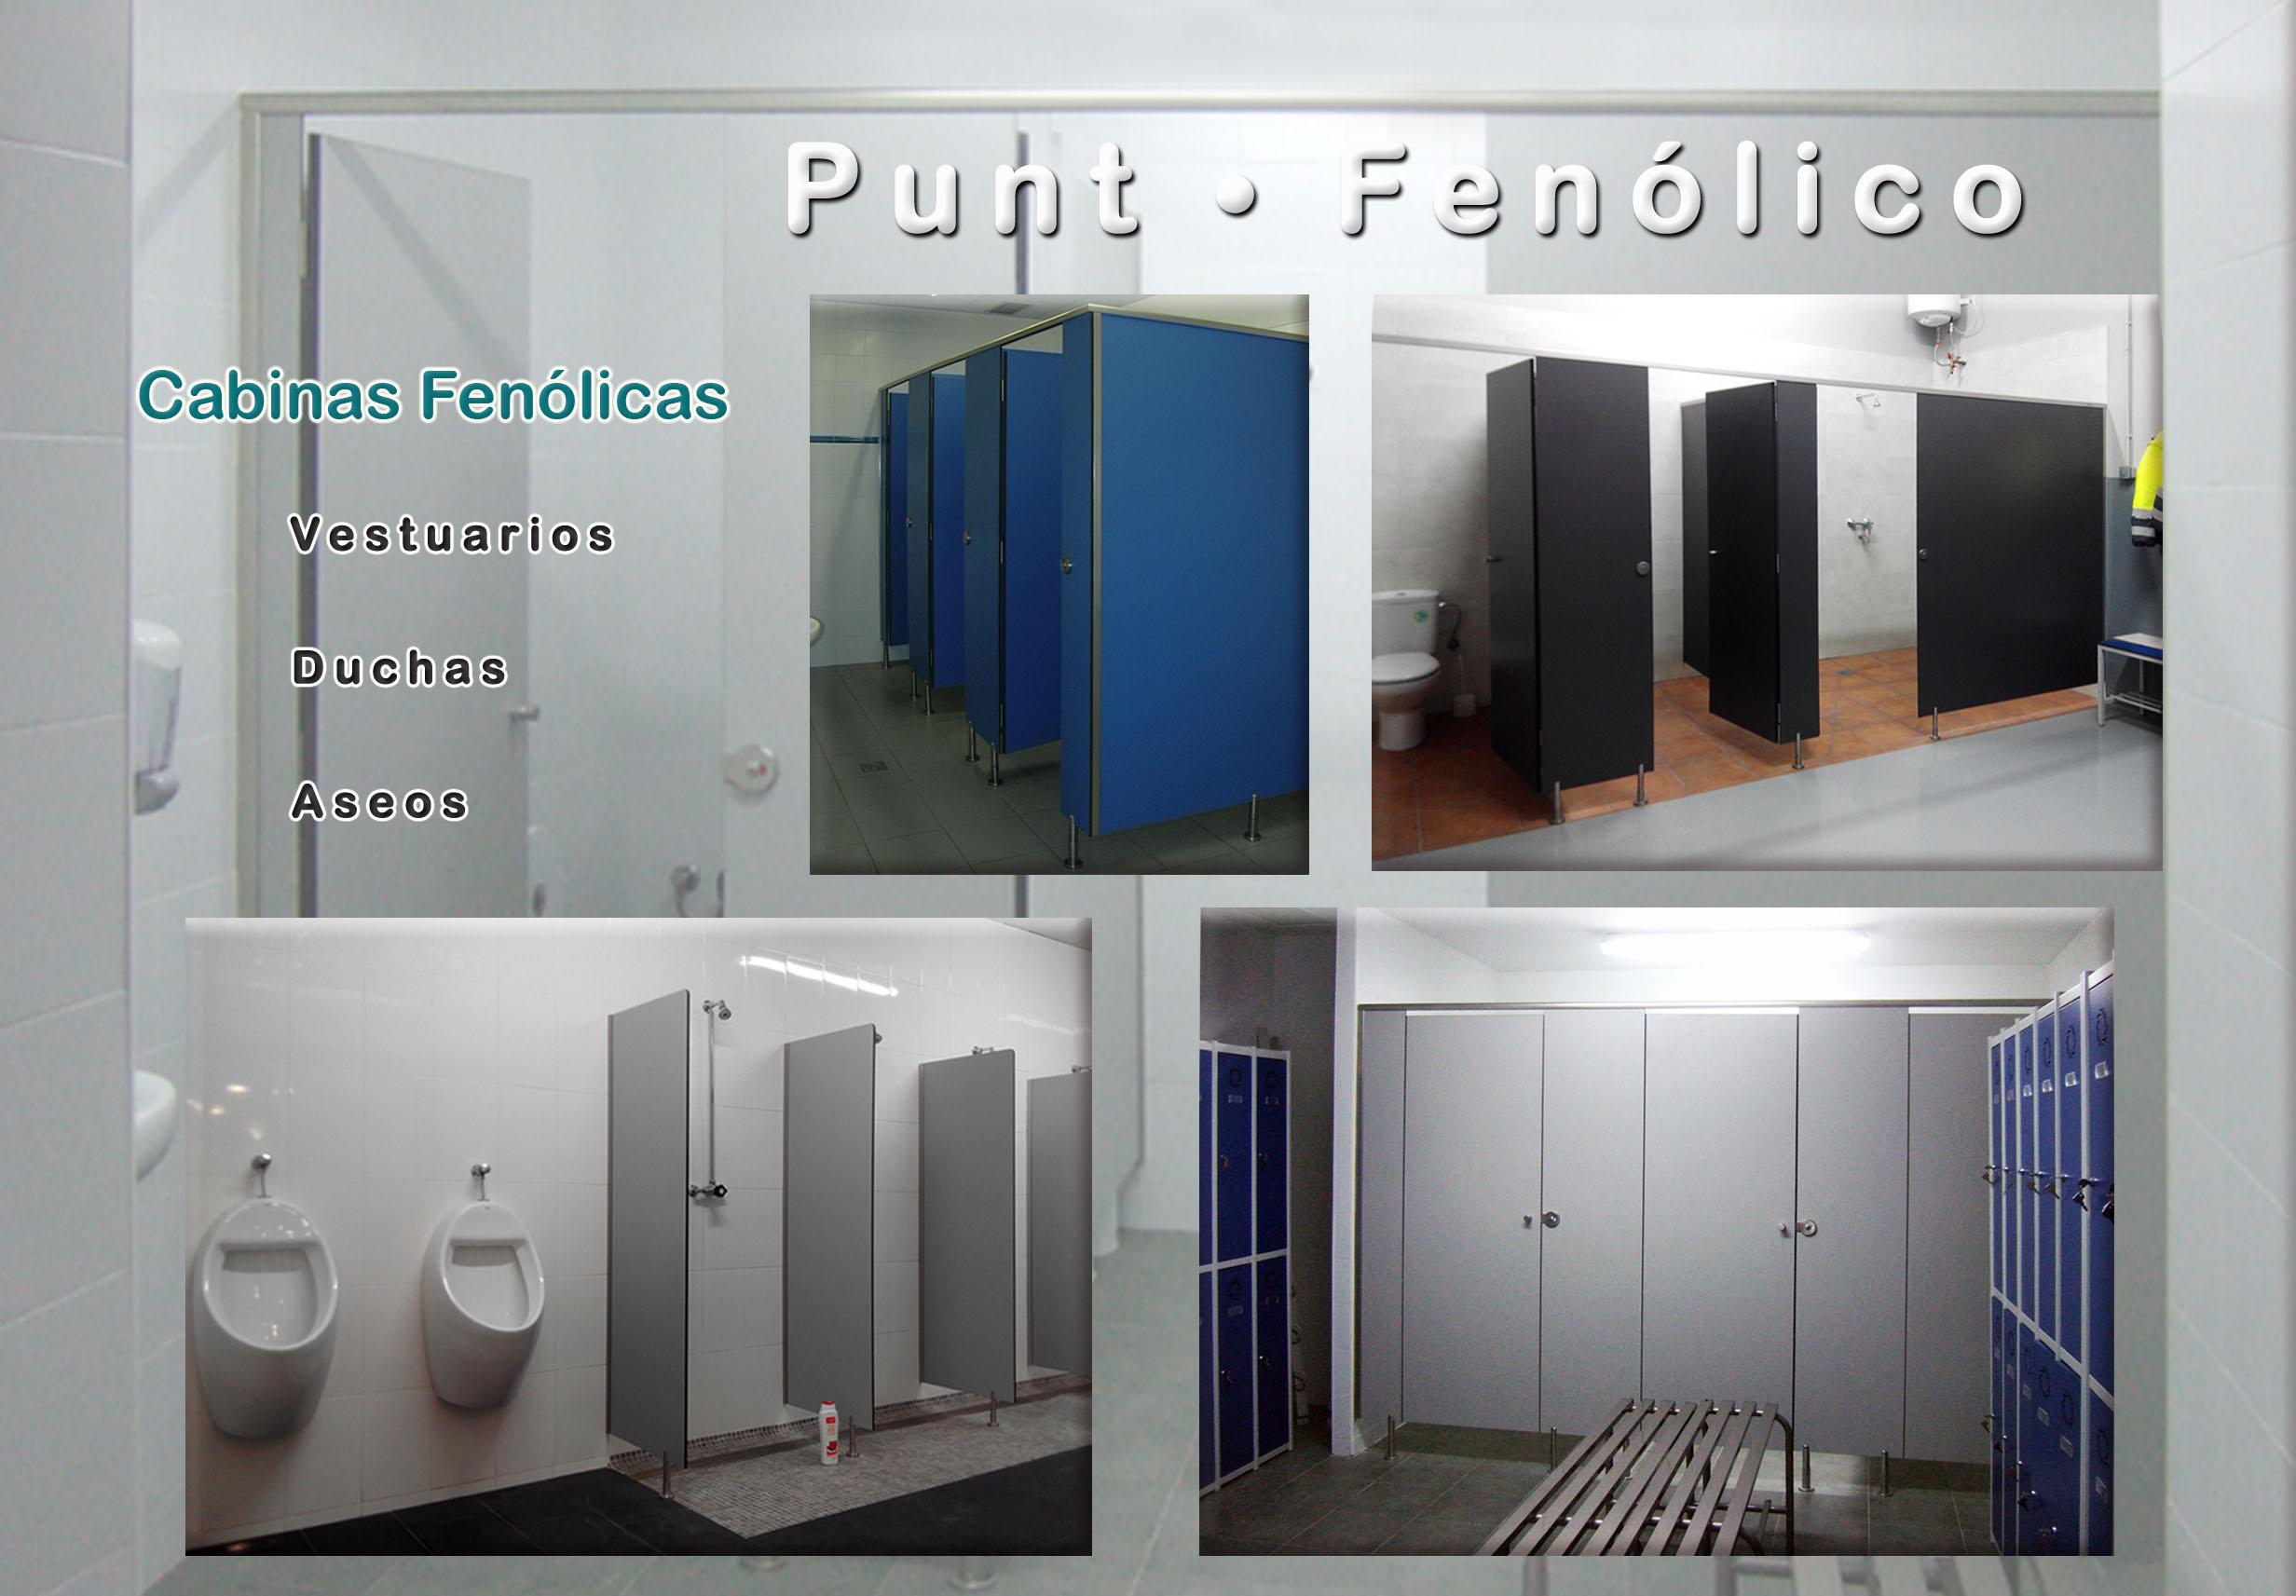 Punt - Fenolico